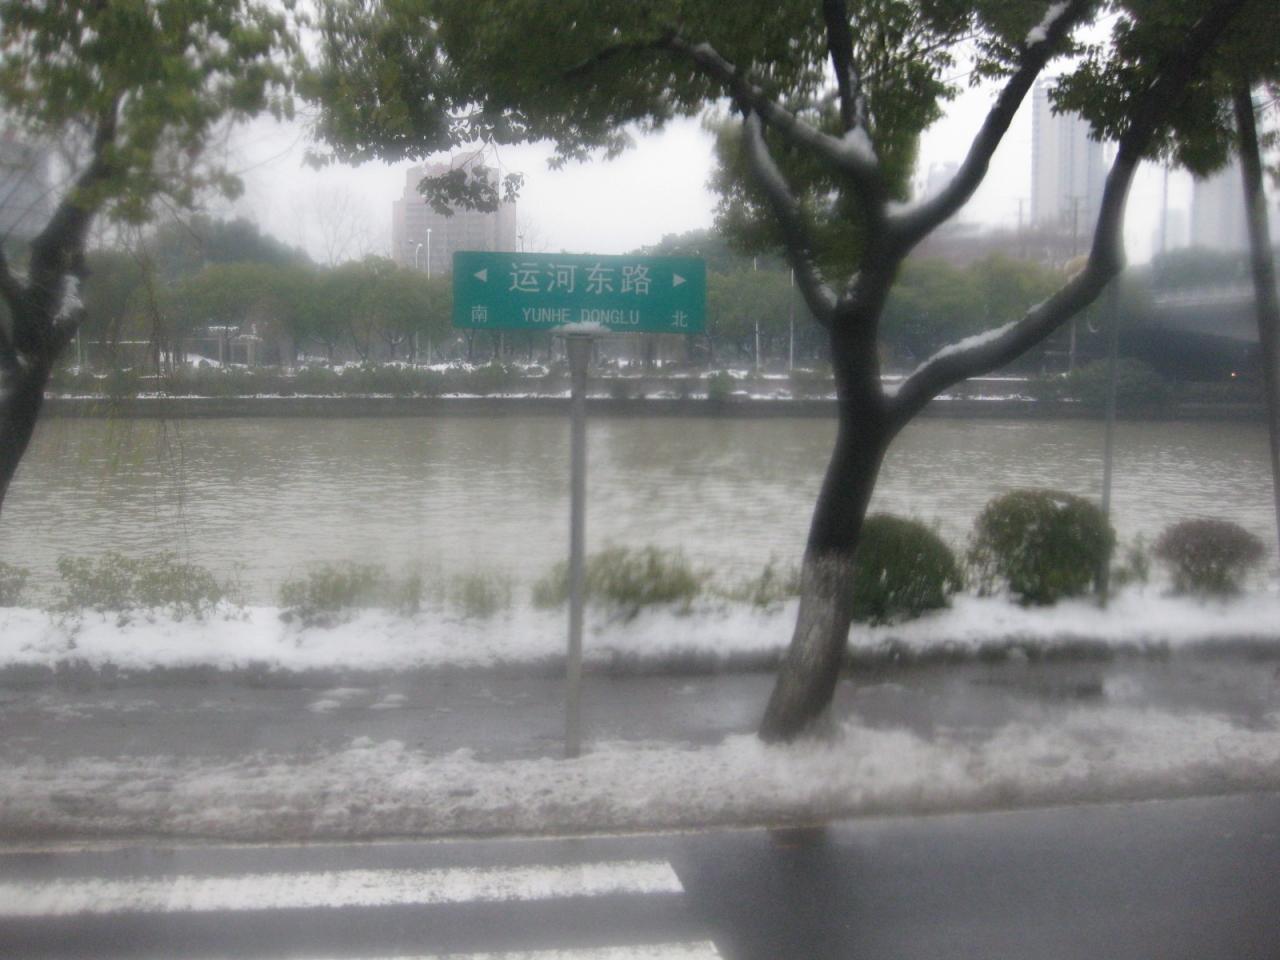 京杭大運河の画像 p1_17